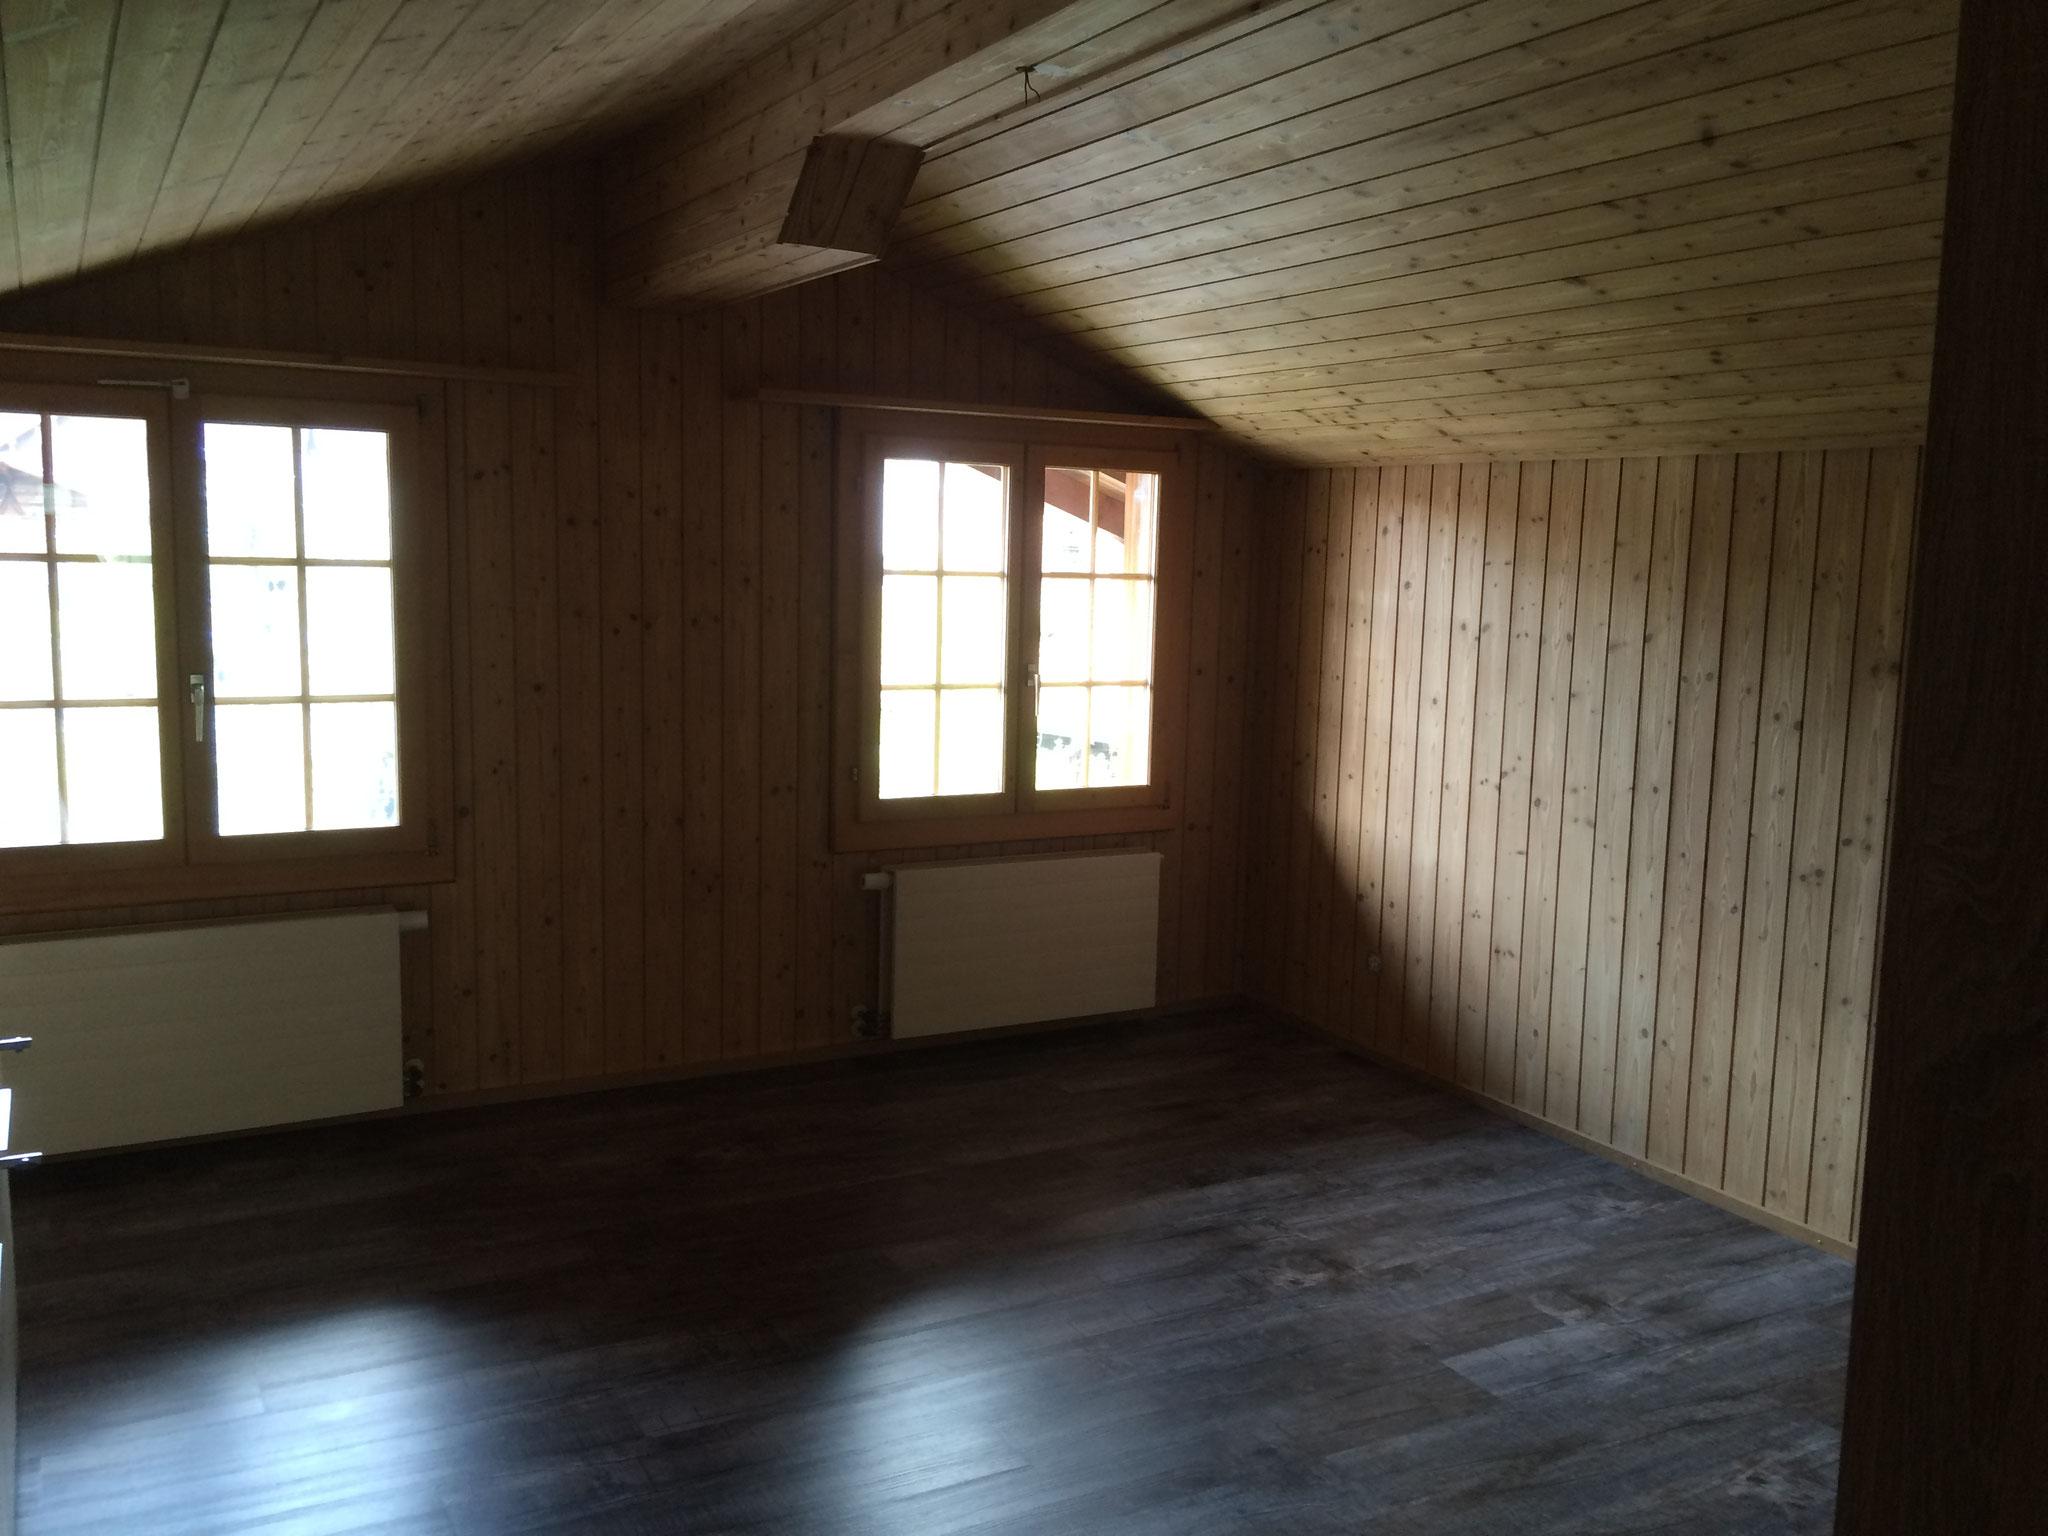 Bei diesen Sandstrahlarbeiten an Decke & Wänden war das Haus bewohnbar und durch eine Staubschutzwand und eine Filteranlage vor Staub geschützt.